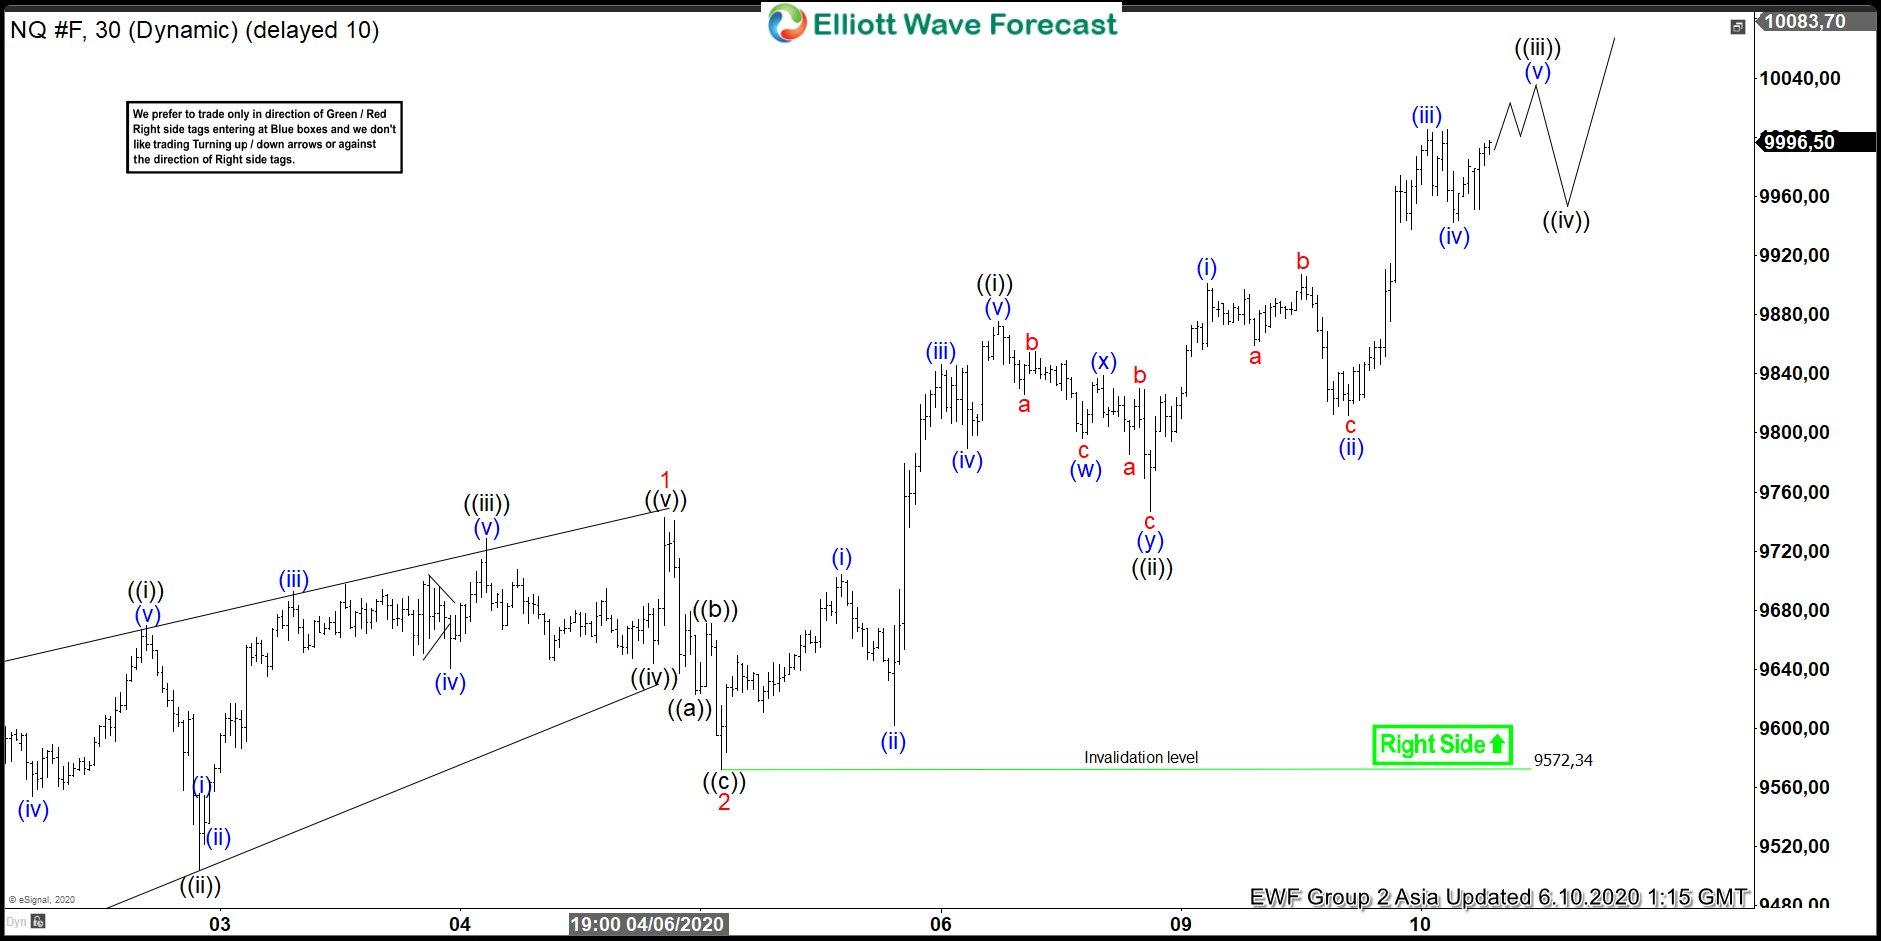 Nasdaq (NQ_F) Elliott Wave Chart 10 June